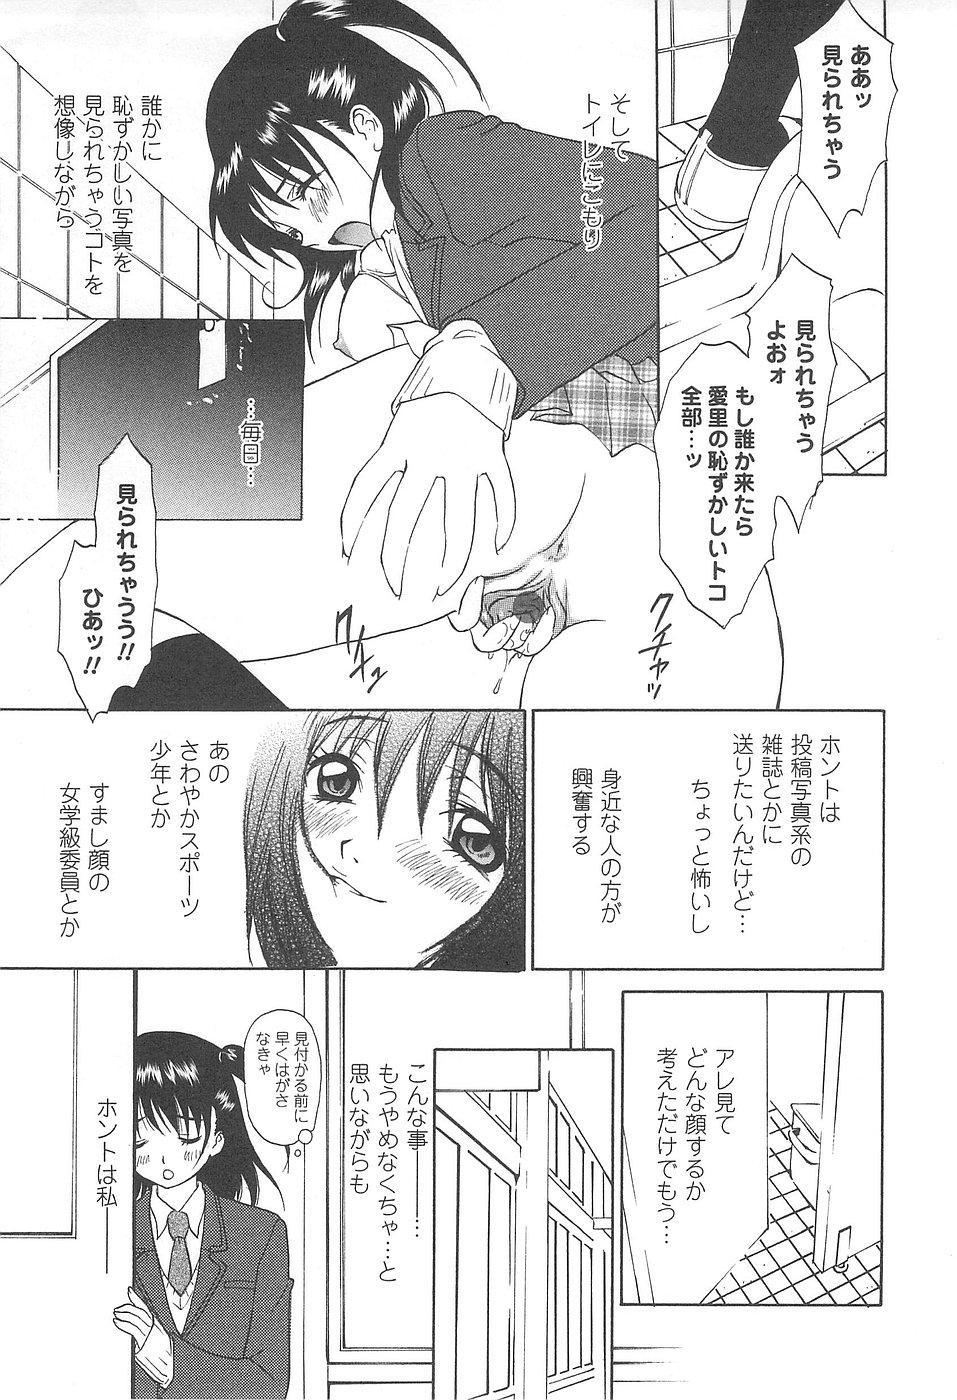 Shoujo Fuukei 177